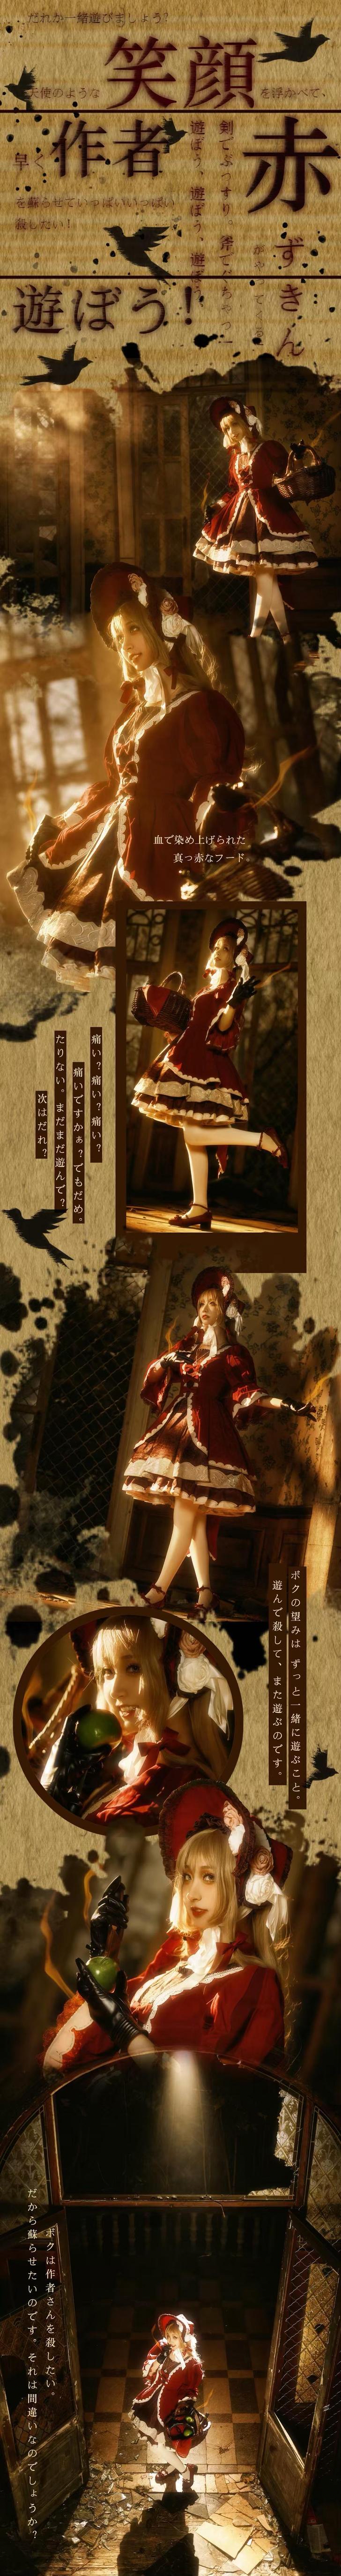 《死亡爱丽丝》游戏cosplay【CN:墓入安泽】-第1张